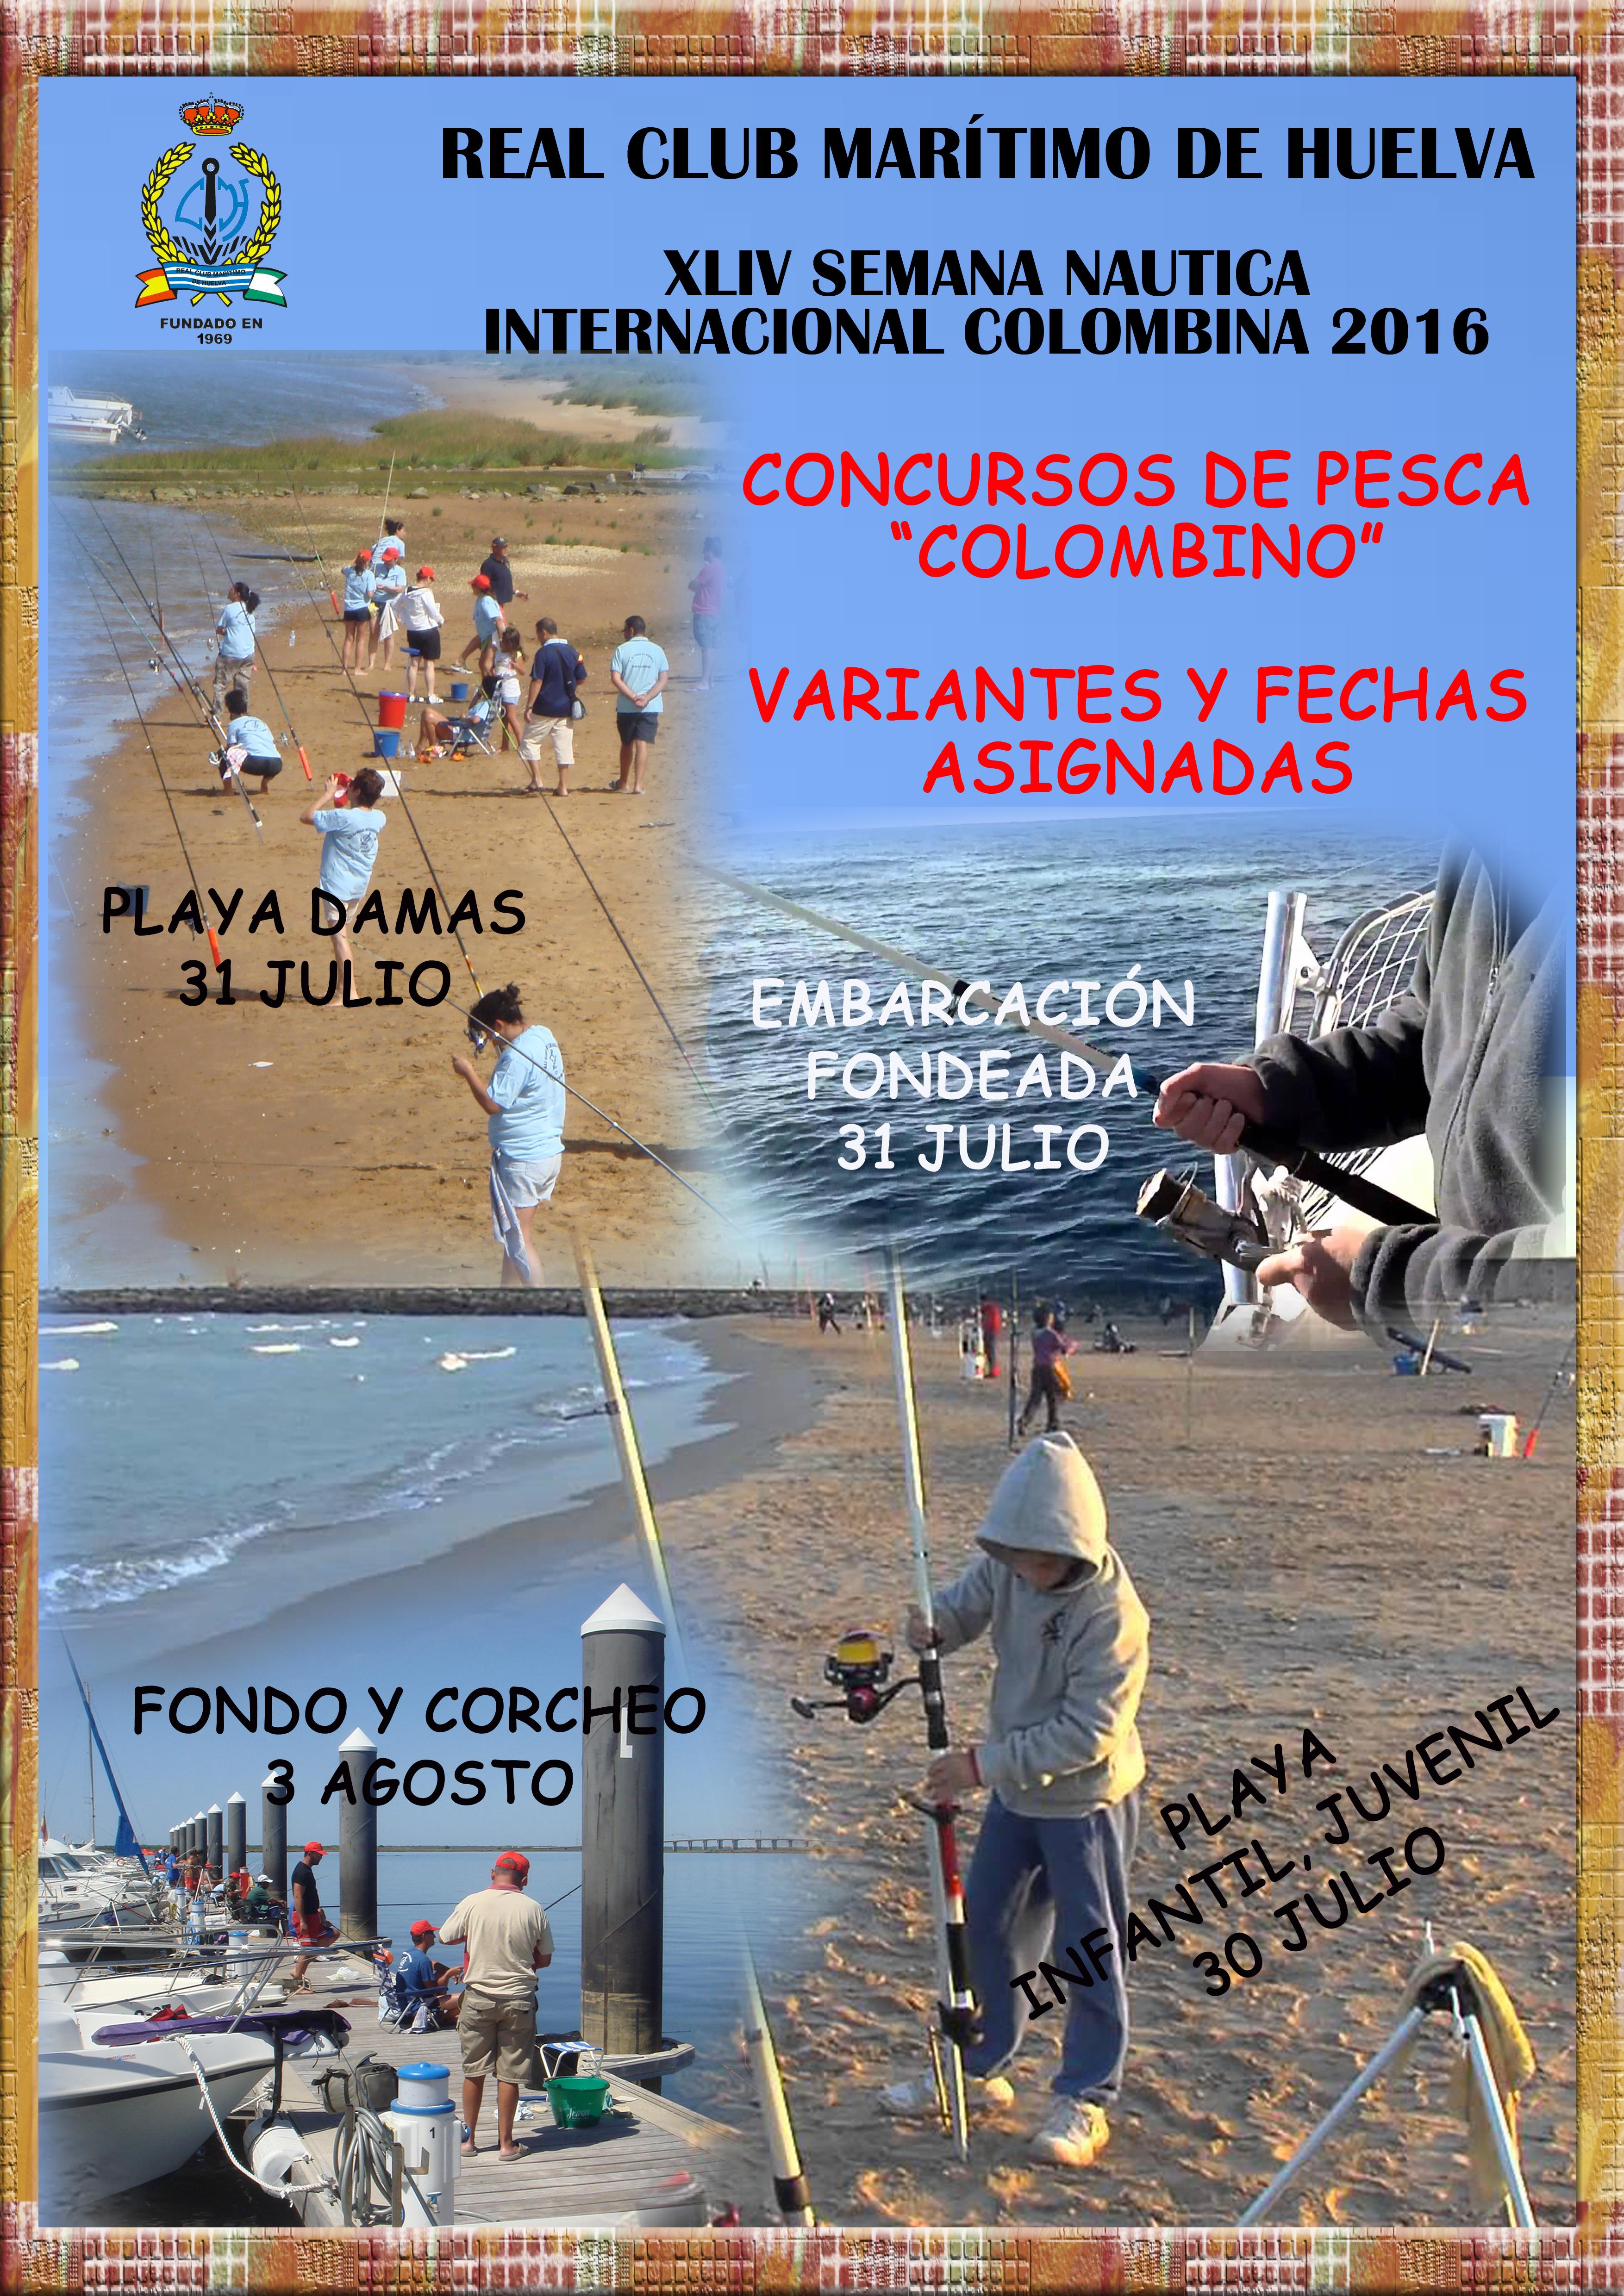 Concursos de pesca COLOMBINO XLIV SNIC 2016 A3